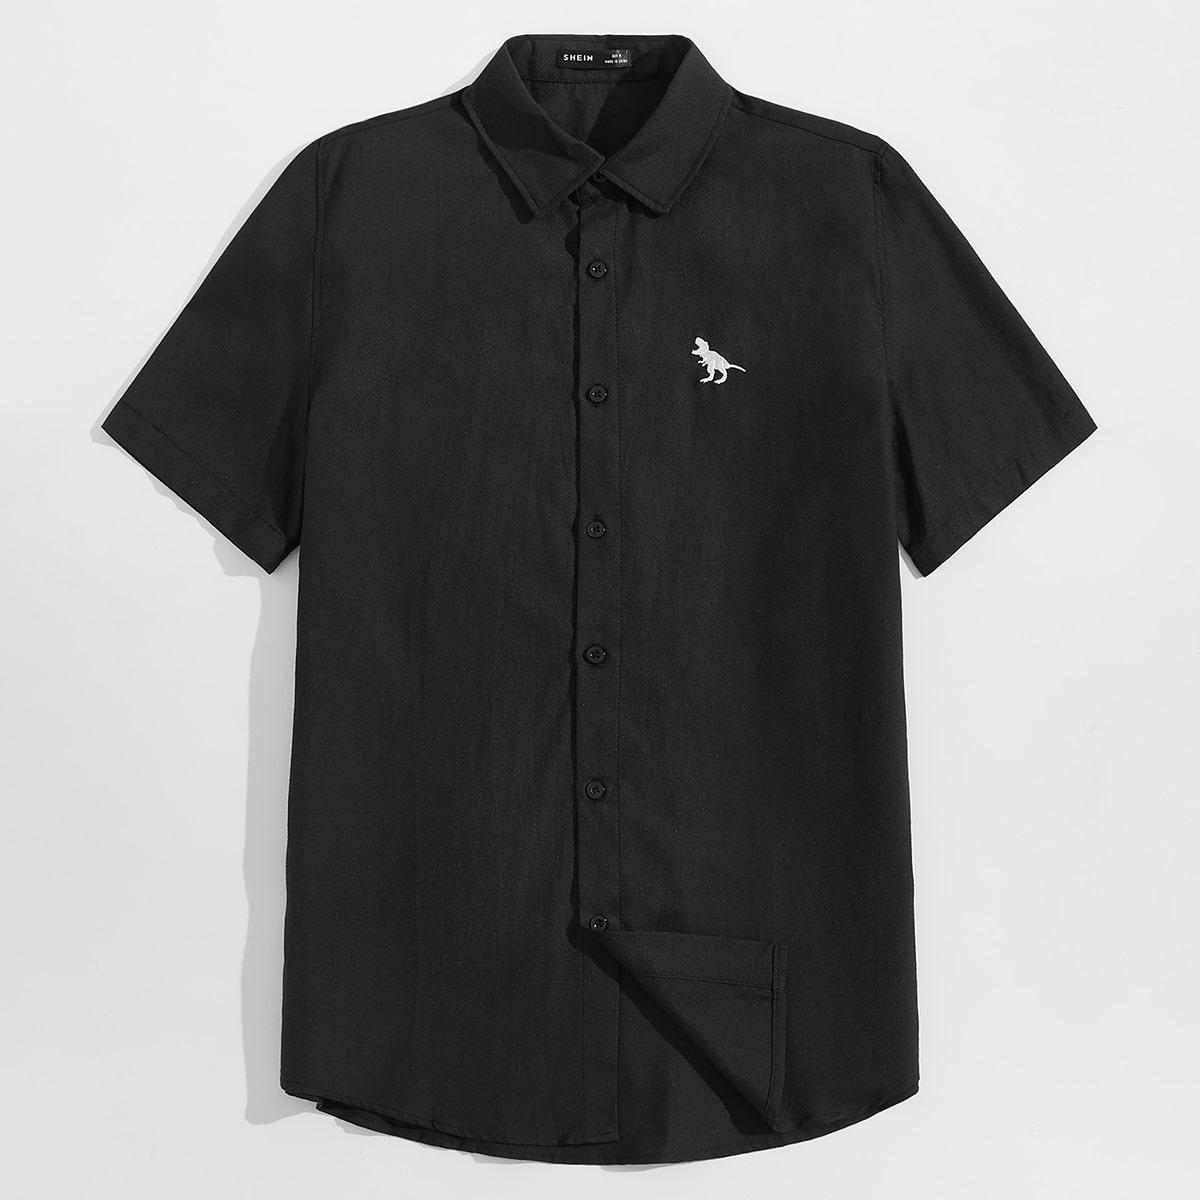 Мужская рубашка с вышивкой